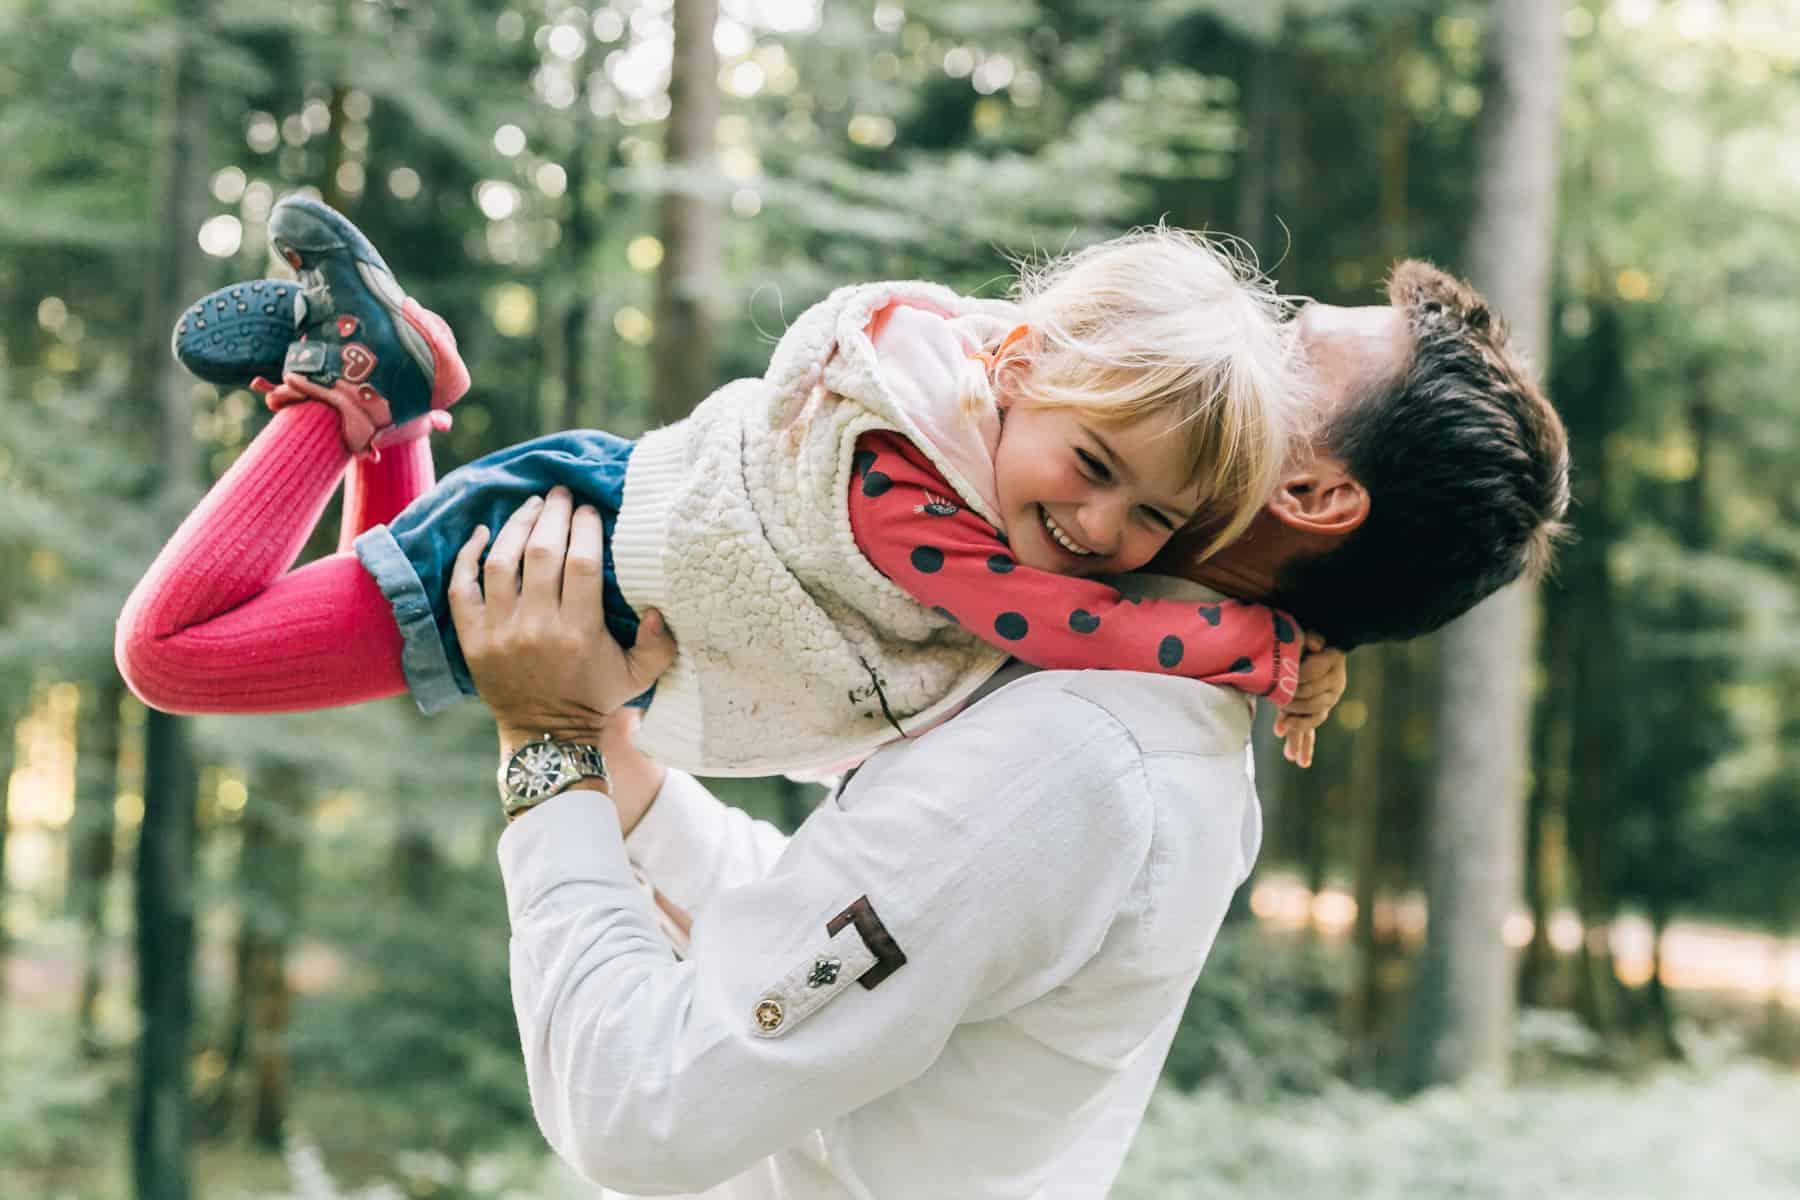 Familienabenteuer | Fotoshooting in Salzburg | Wald und Natur